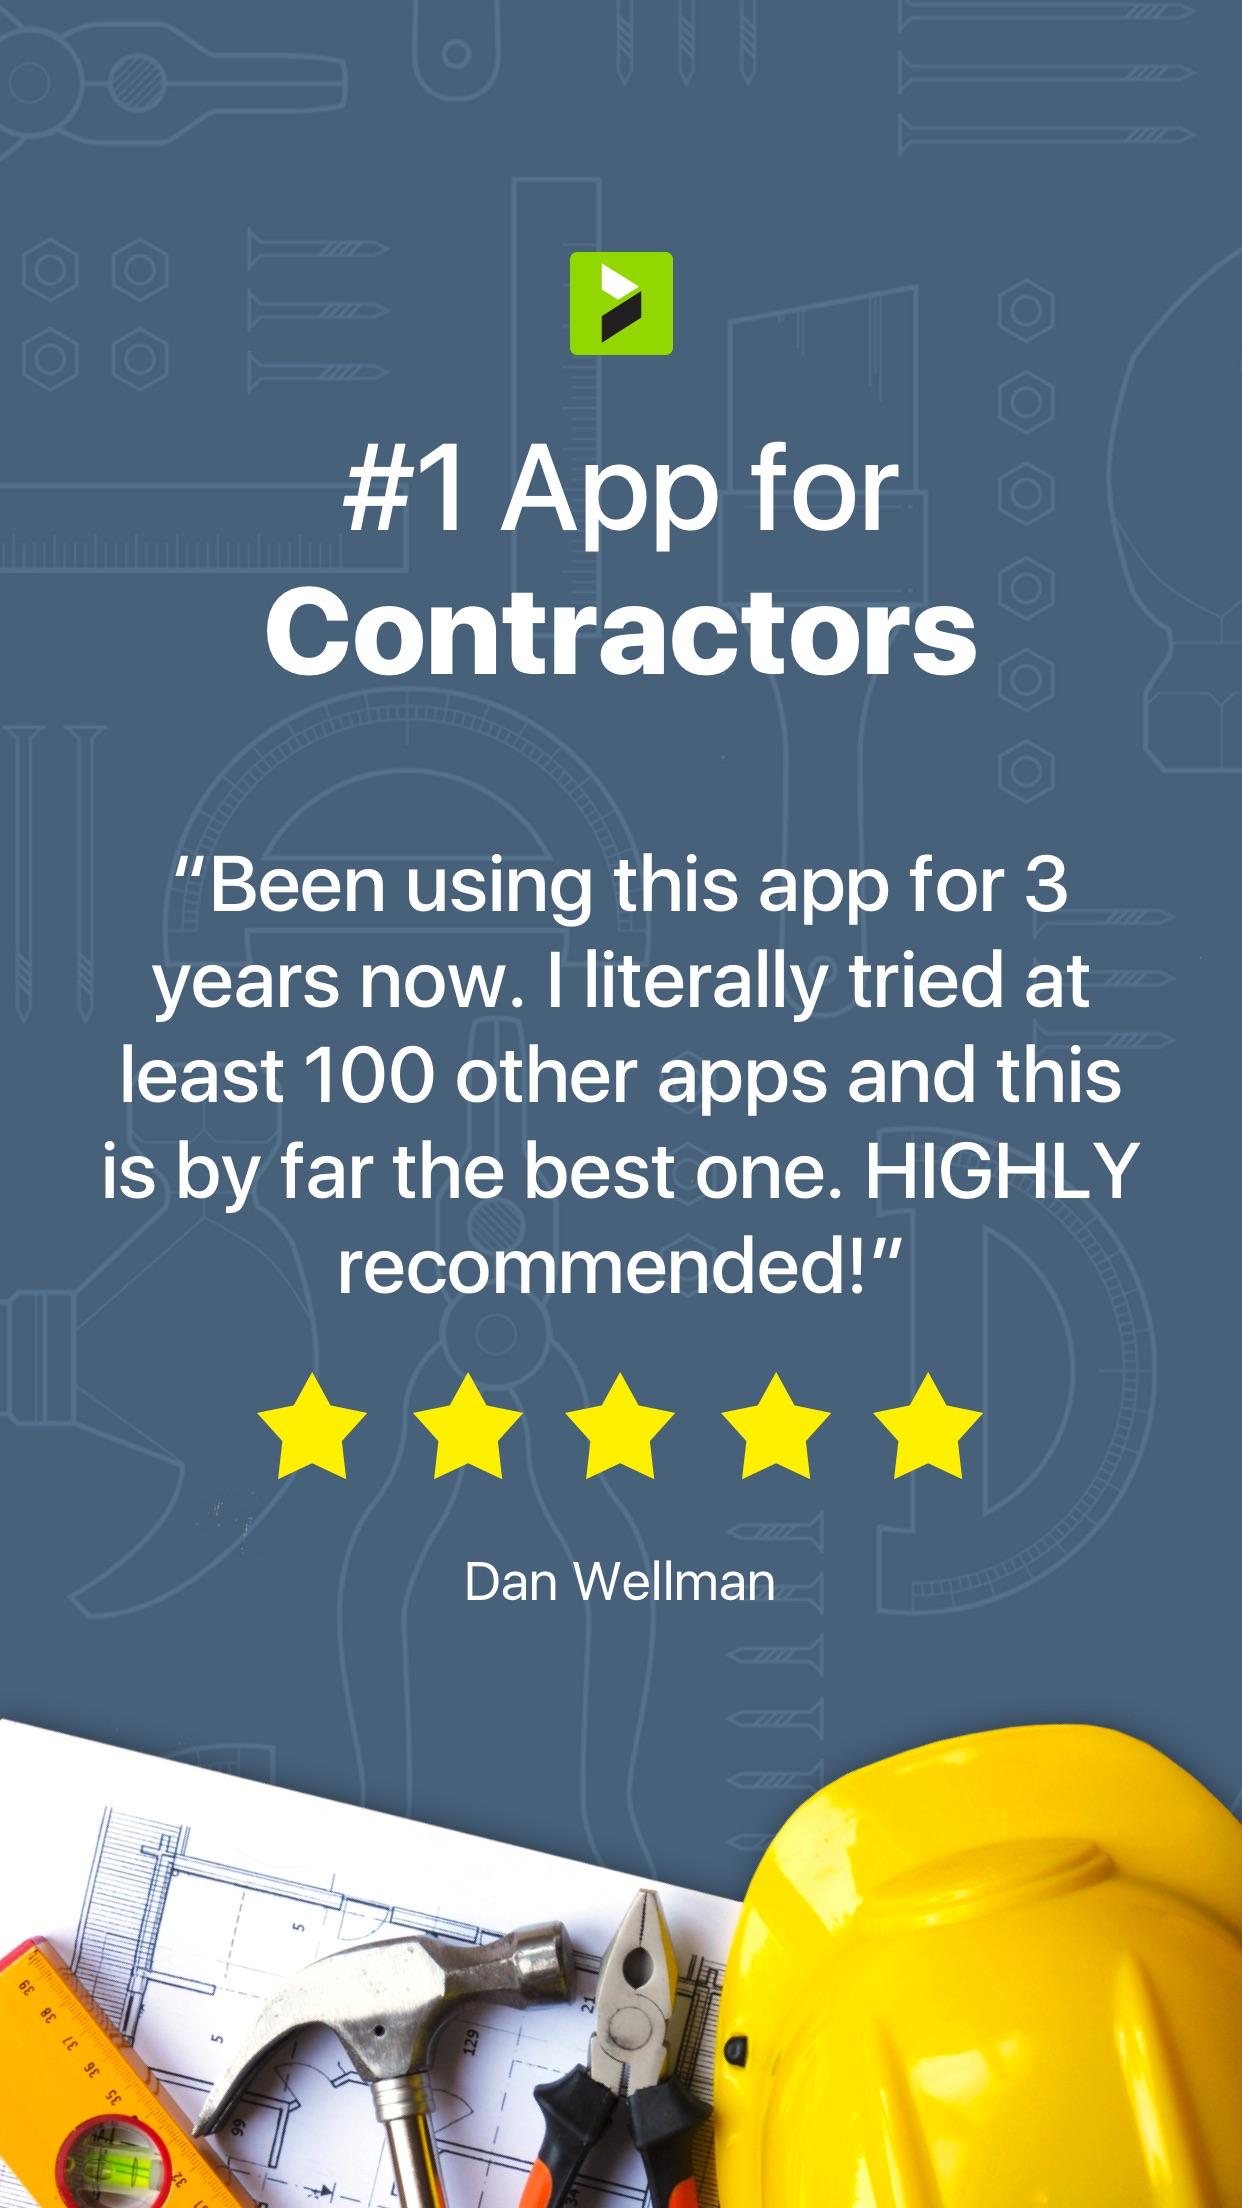 Joist App for Contractors Screenshot